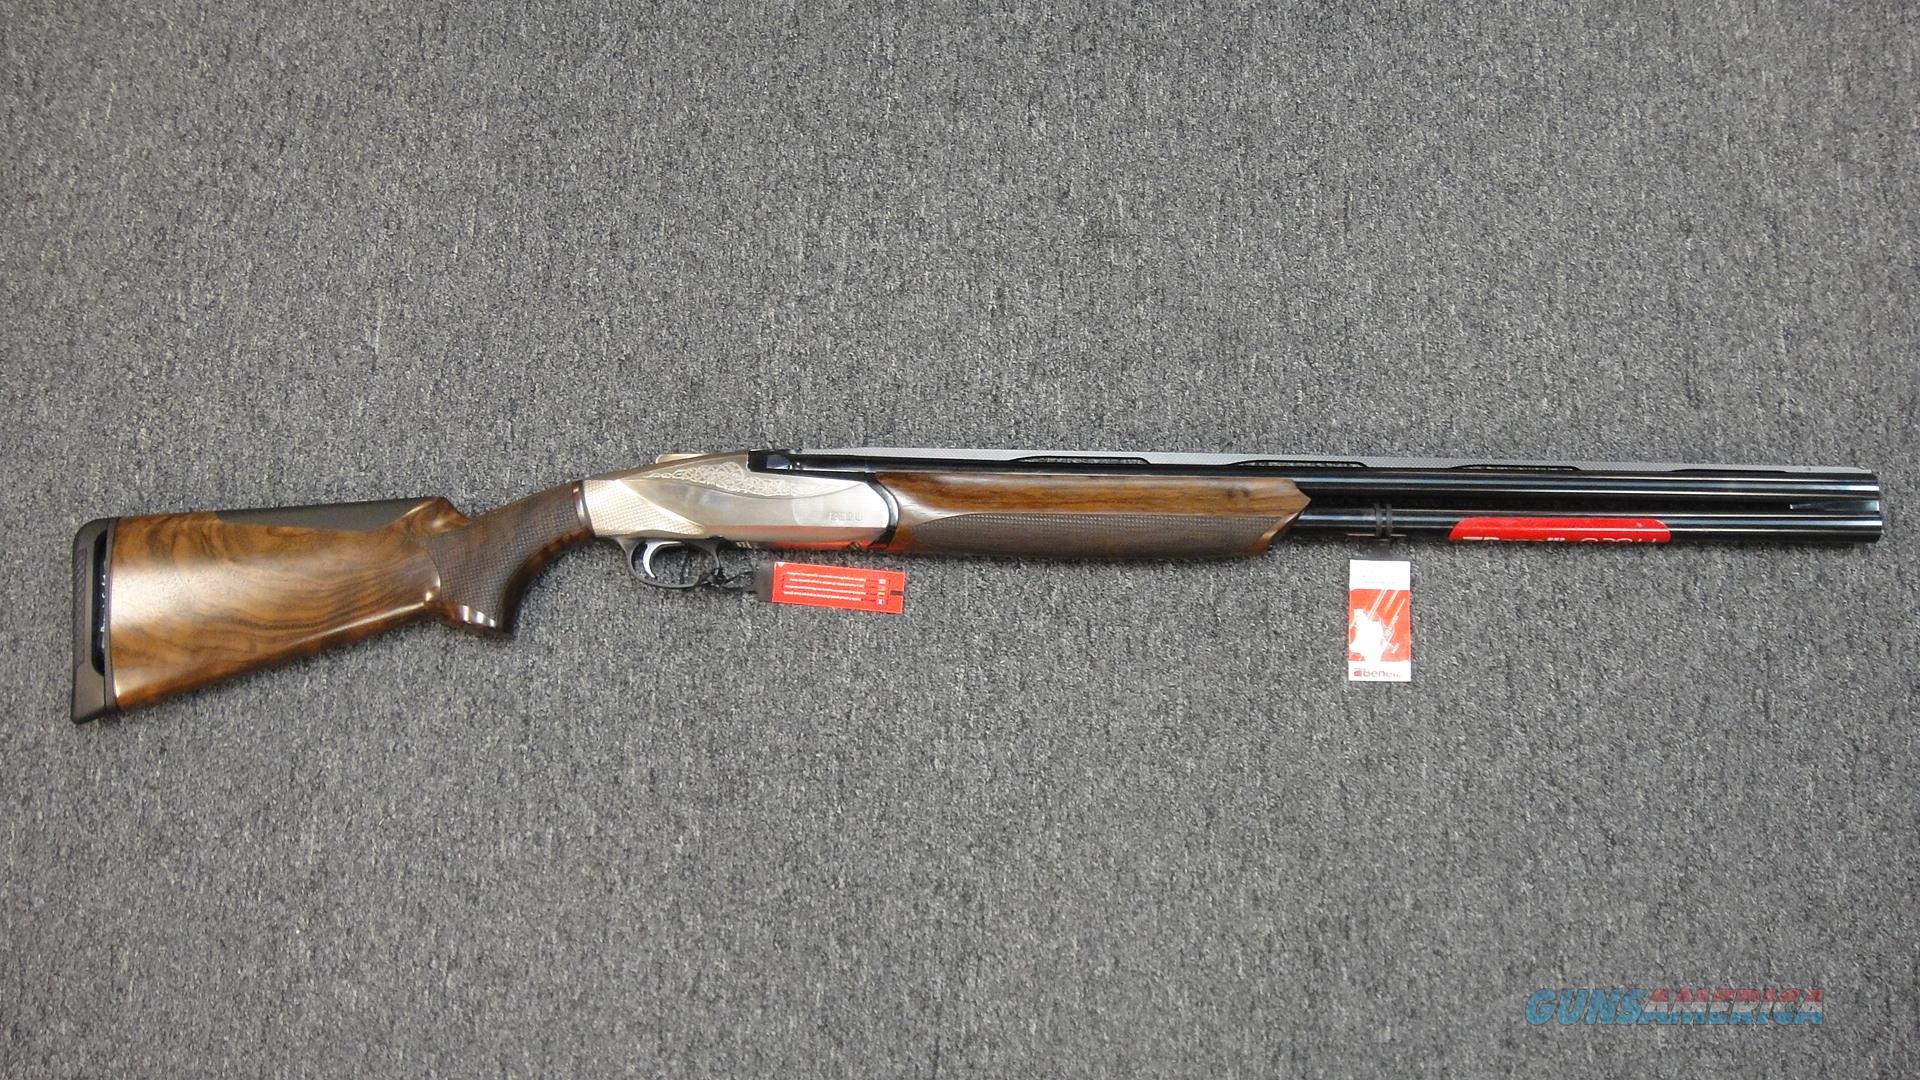 Benelli 828U 12ga (10704)  Guns > Shotguns > Benelli Shotguns > Trap/Skeet